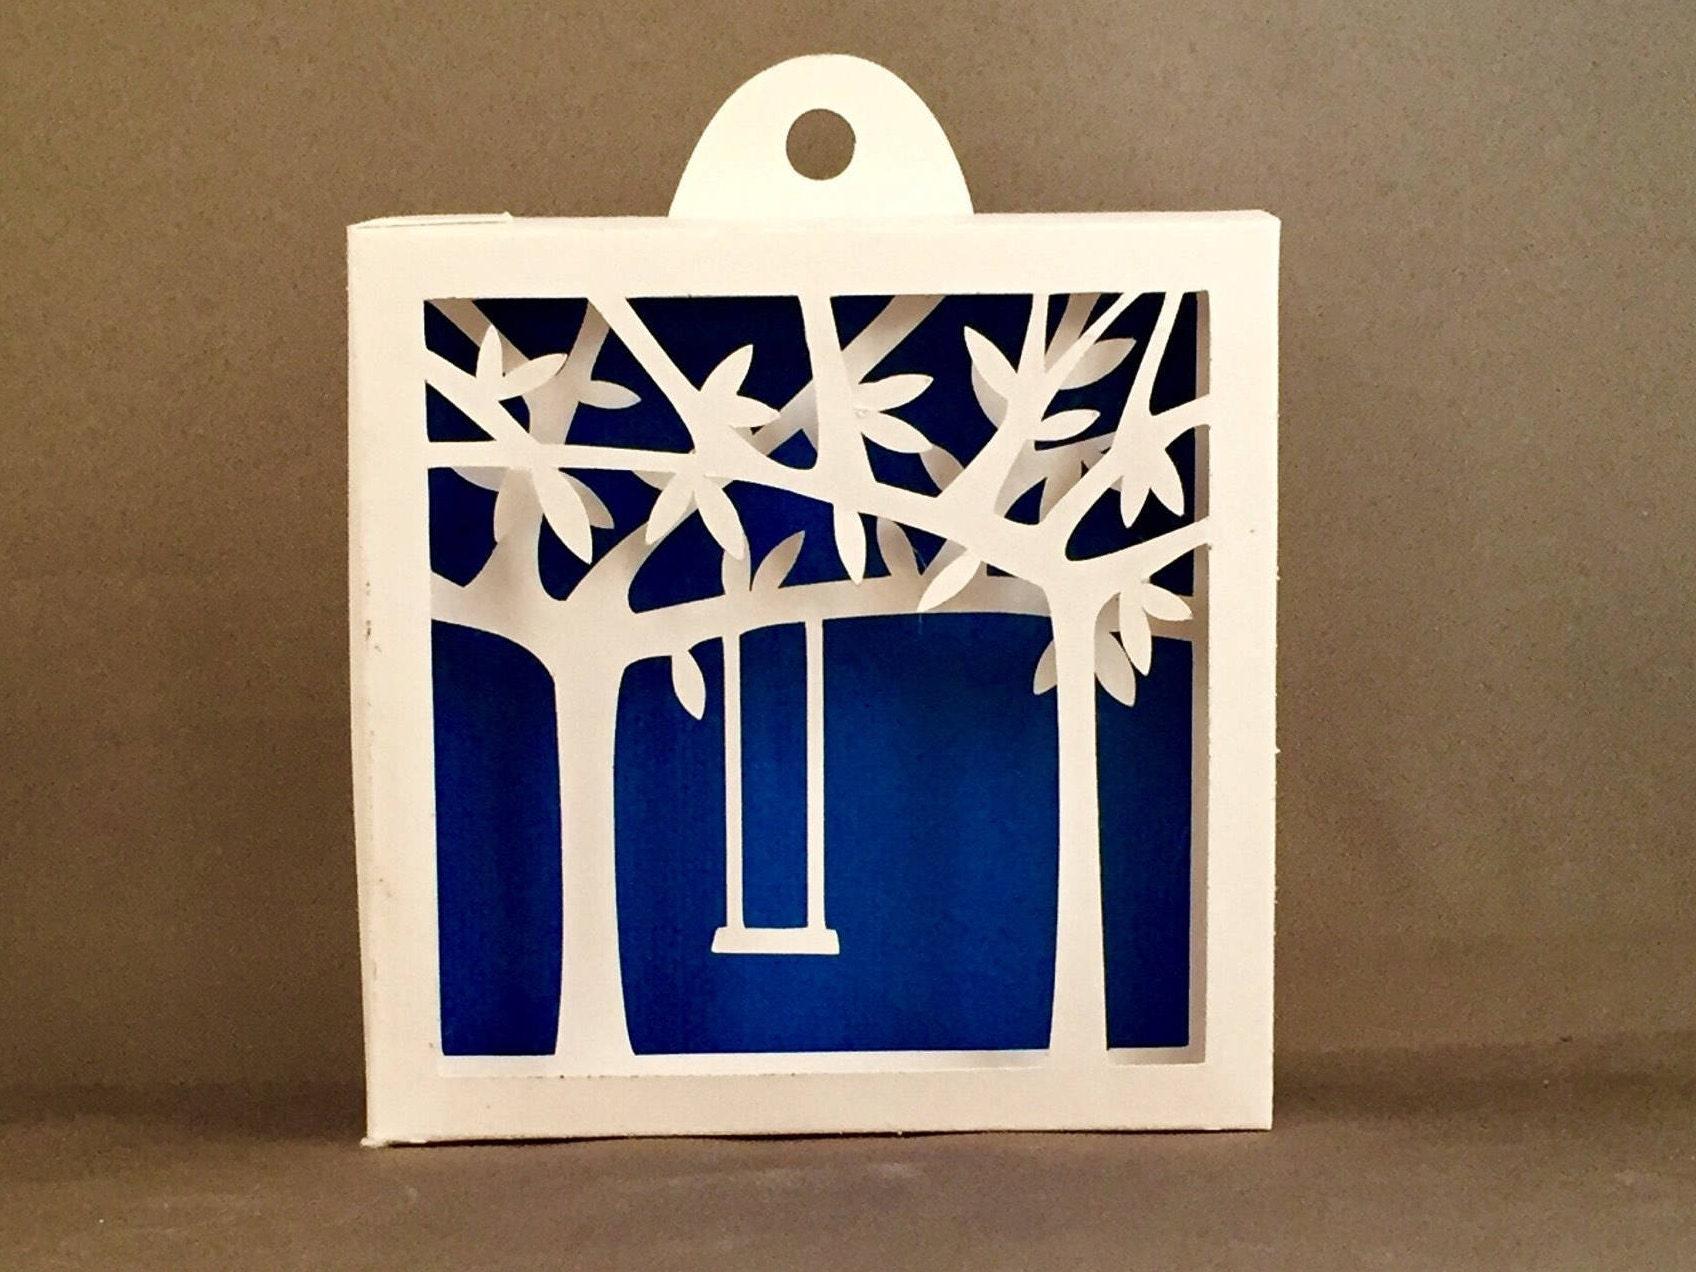 3d shadowbox arbre balan oire pour chambre denfant d coration etsy. Black Bedroom Furniture Sets. Home Design Ideas